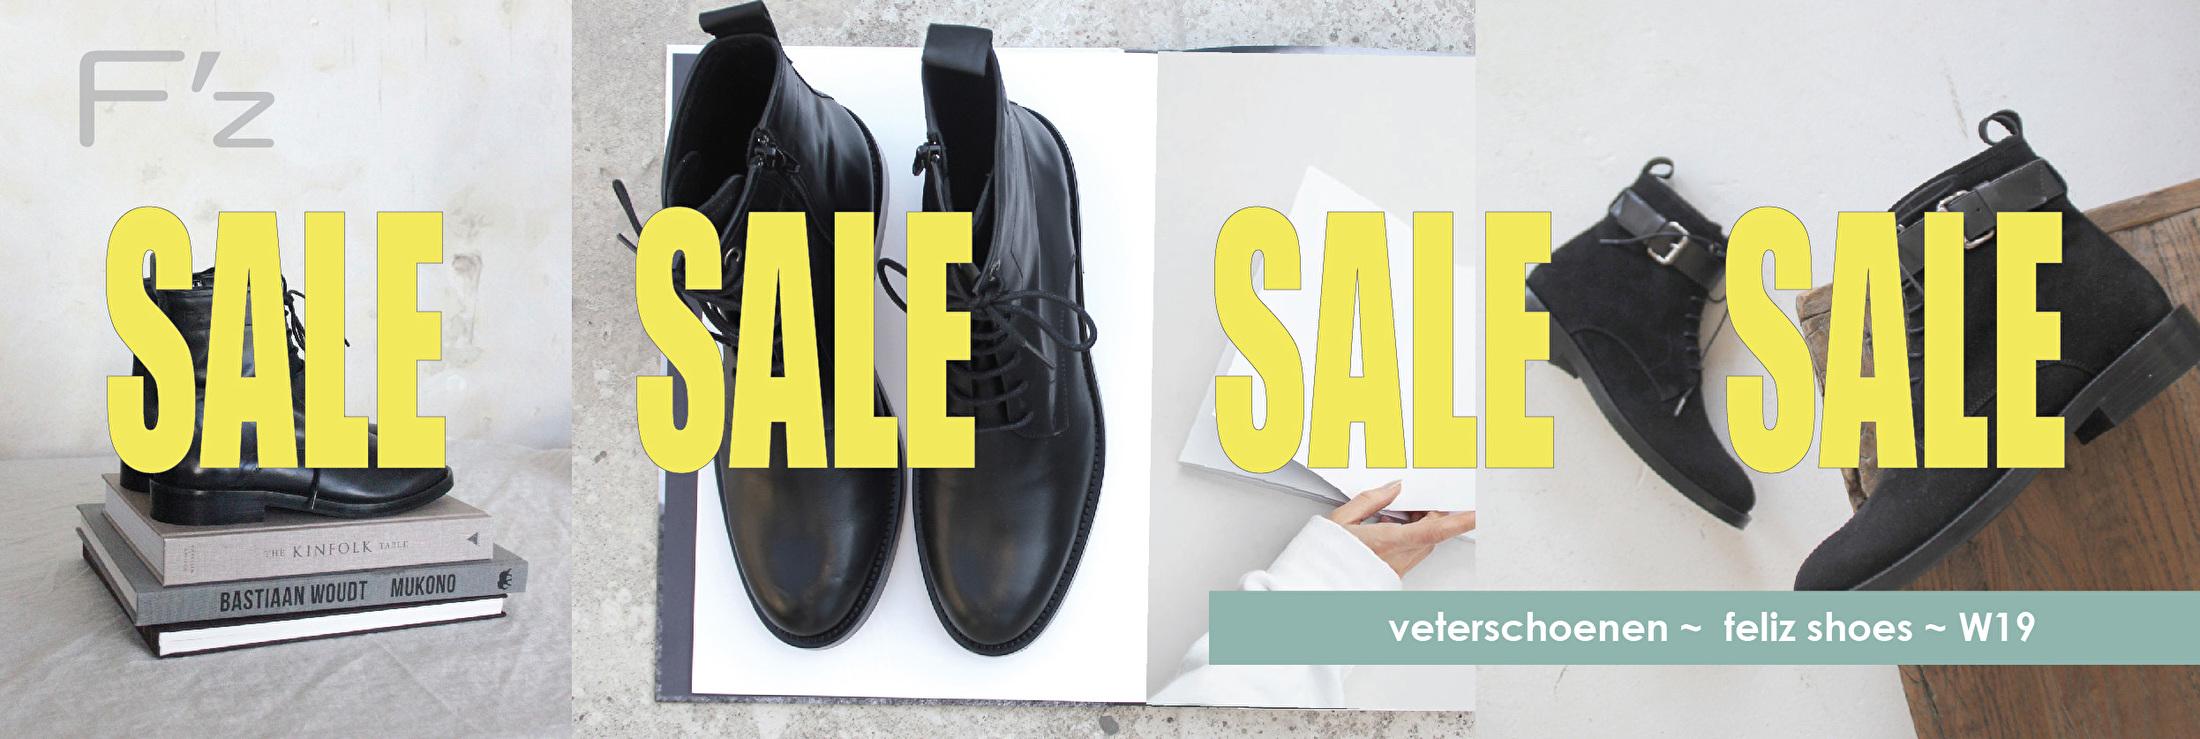 FELIZ sale schoenen veterboots boots W19